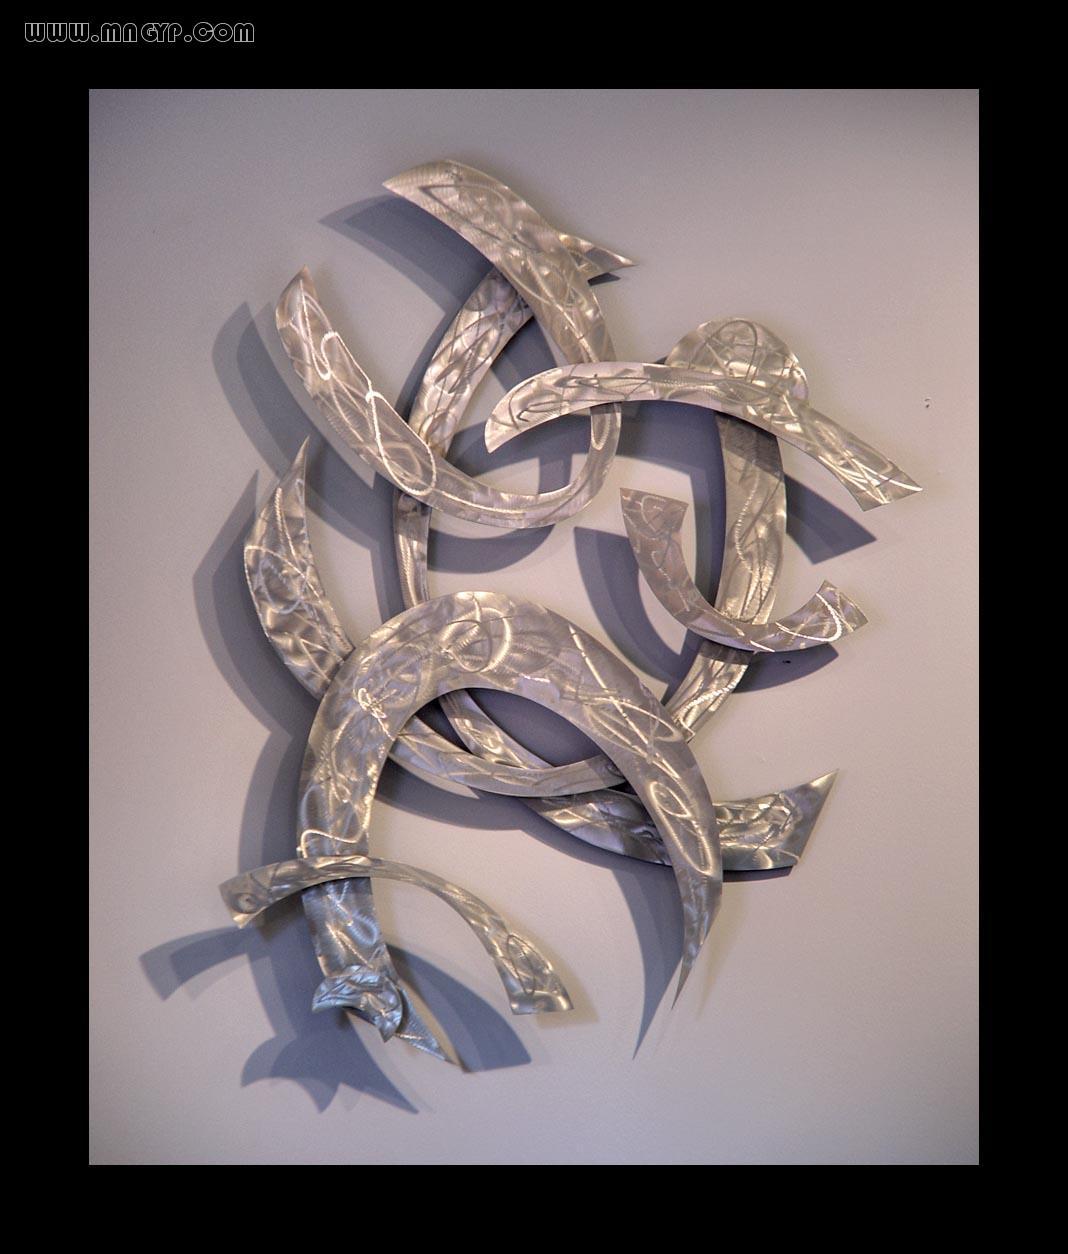 铁艺雕塑_工艺品图片